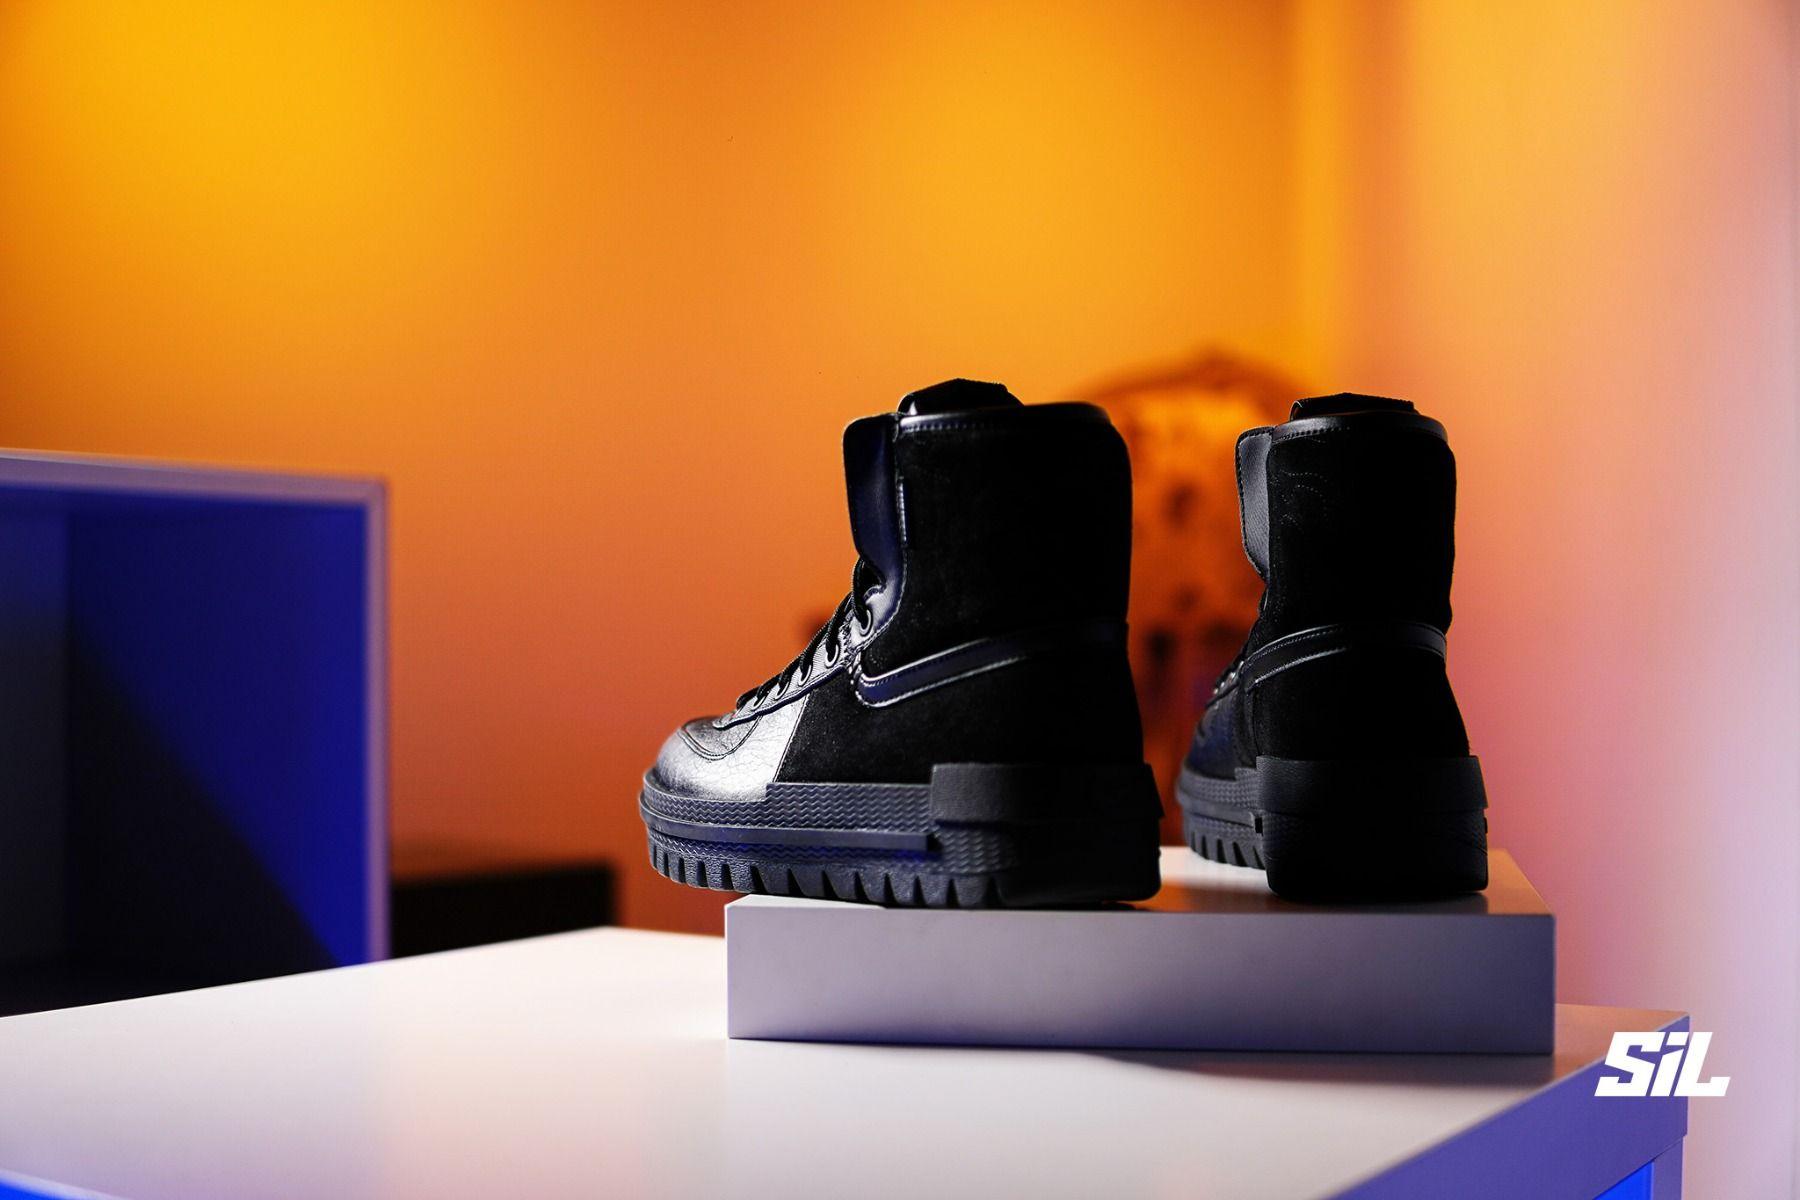 Nike Xarr laisvalaikio bateliai rudeniui puiki kedu alternatyva